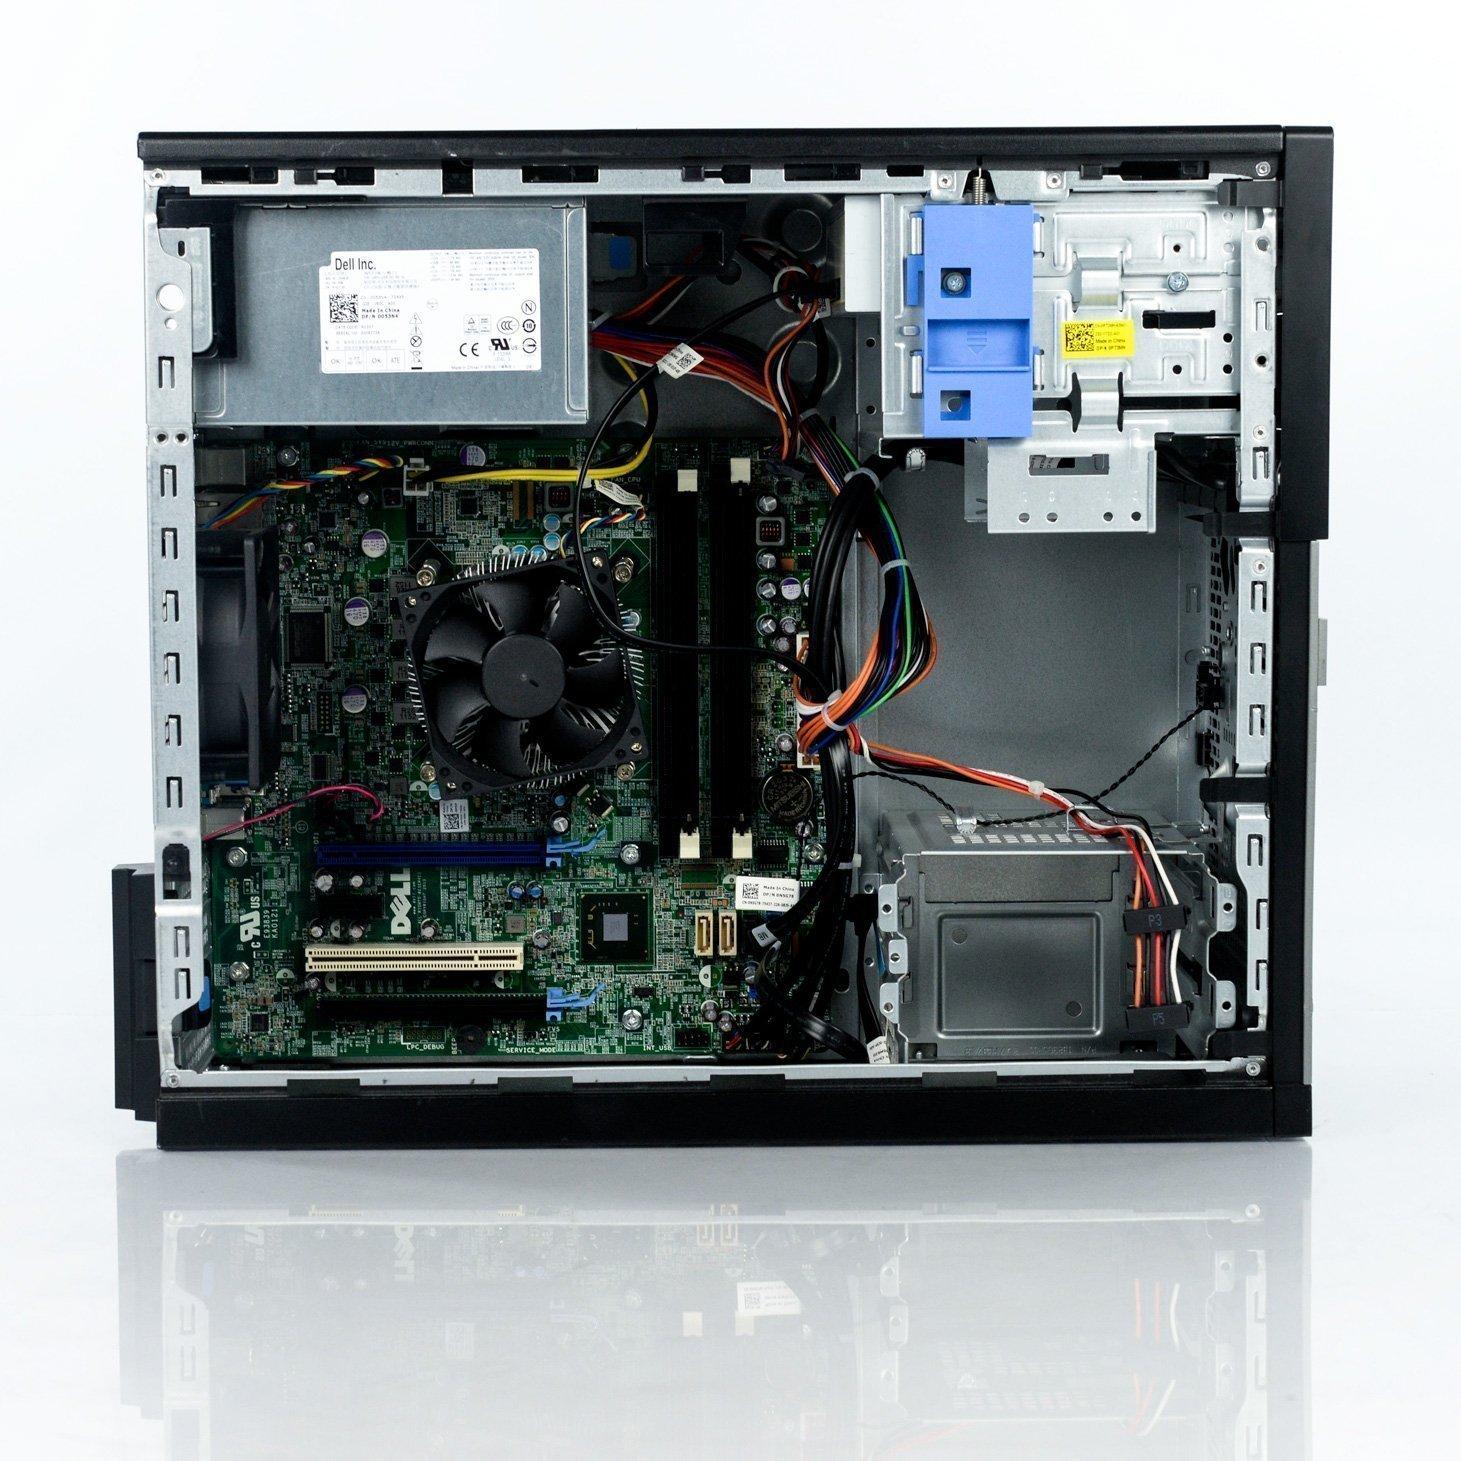 Dell Optiplex 990 Desktop Service Manual